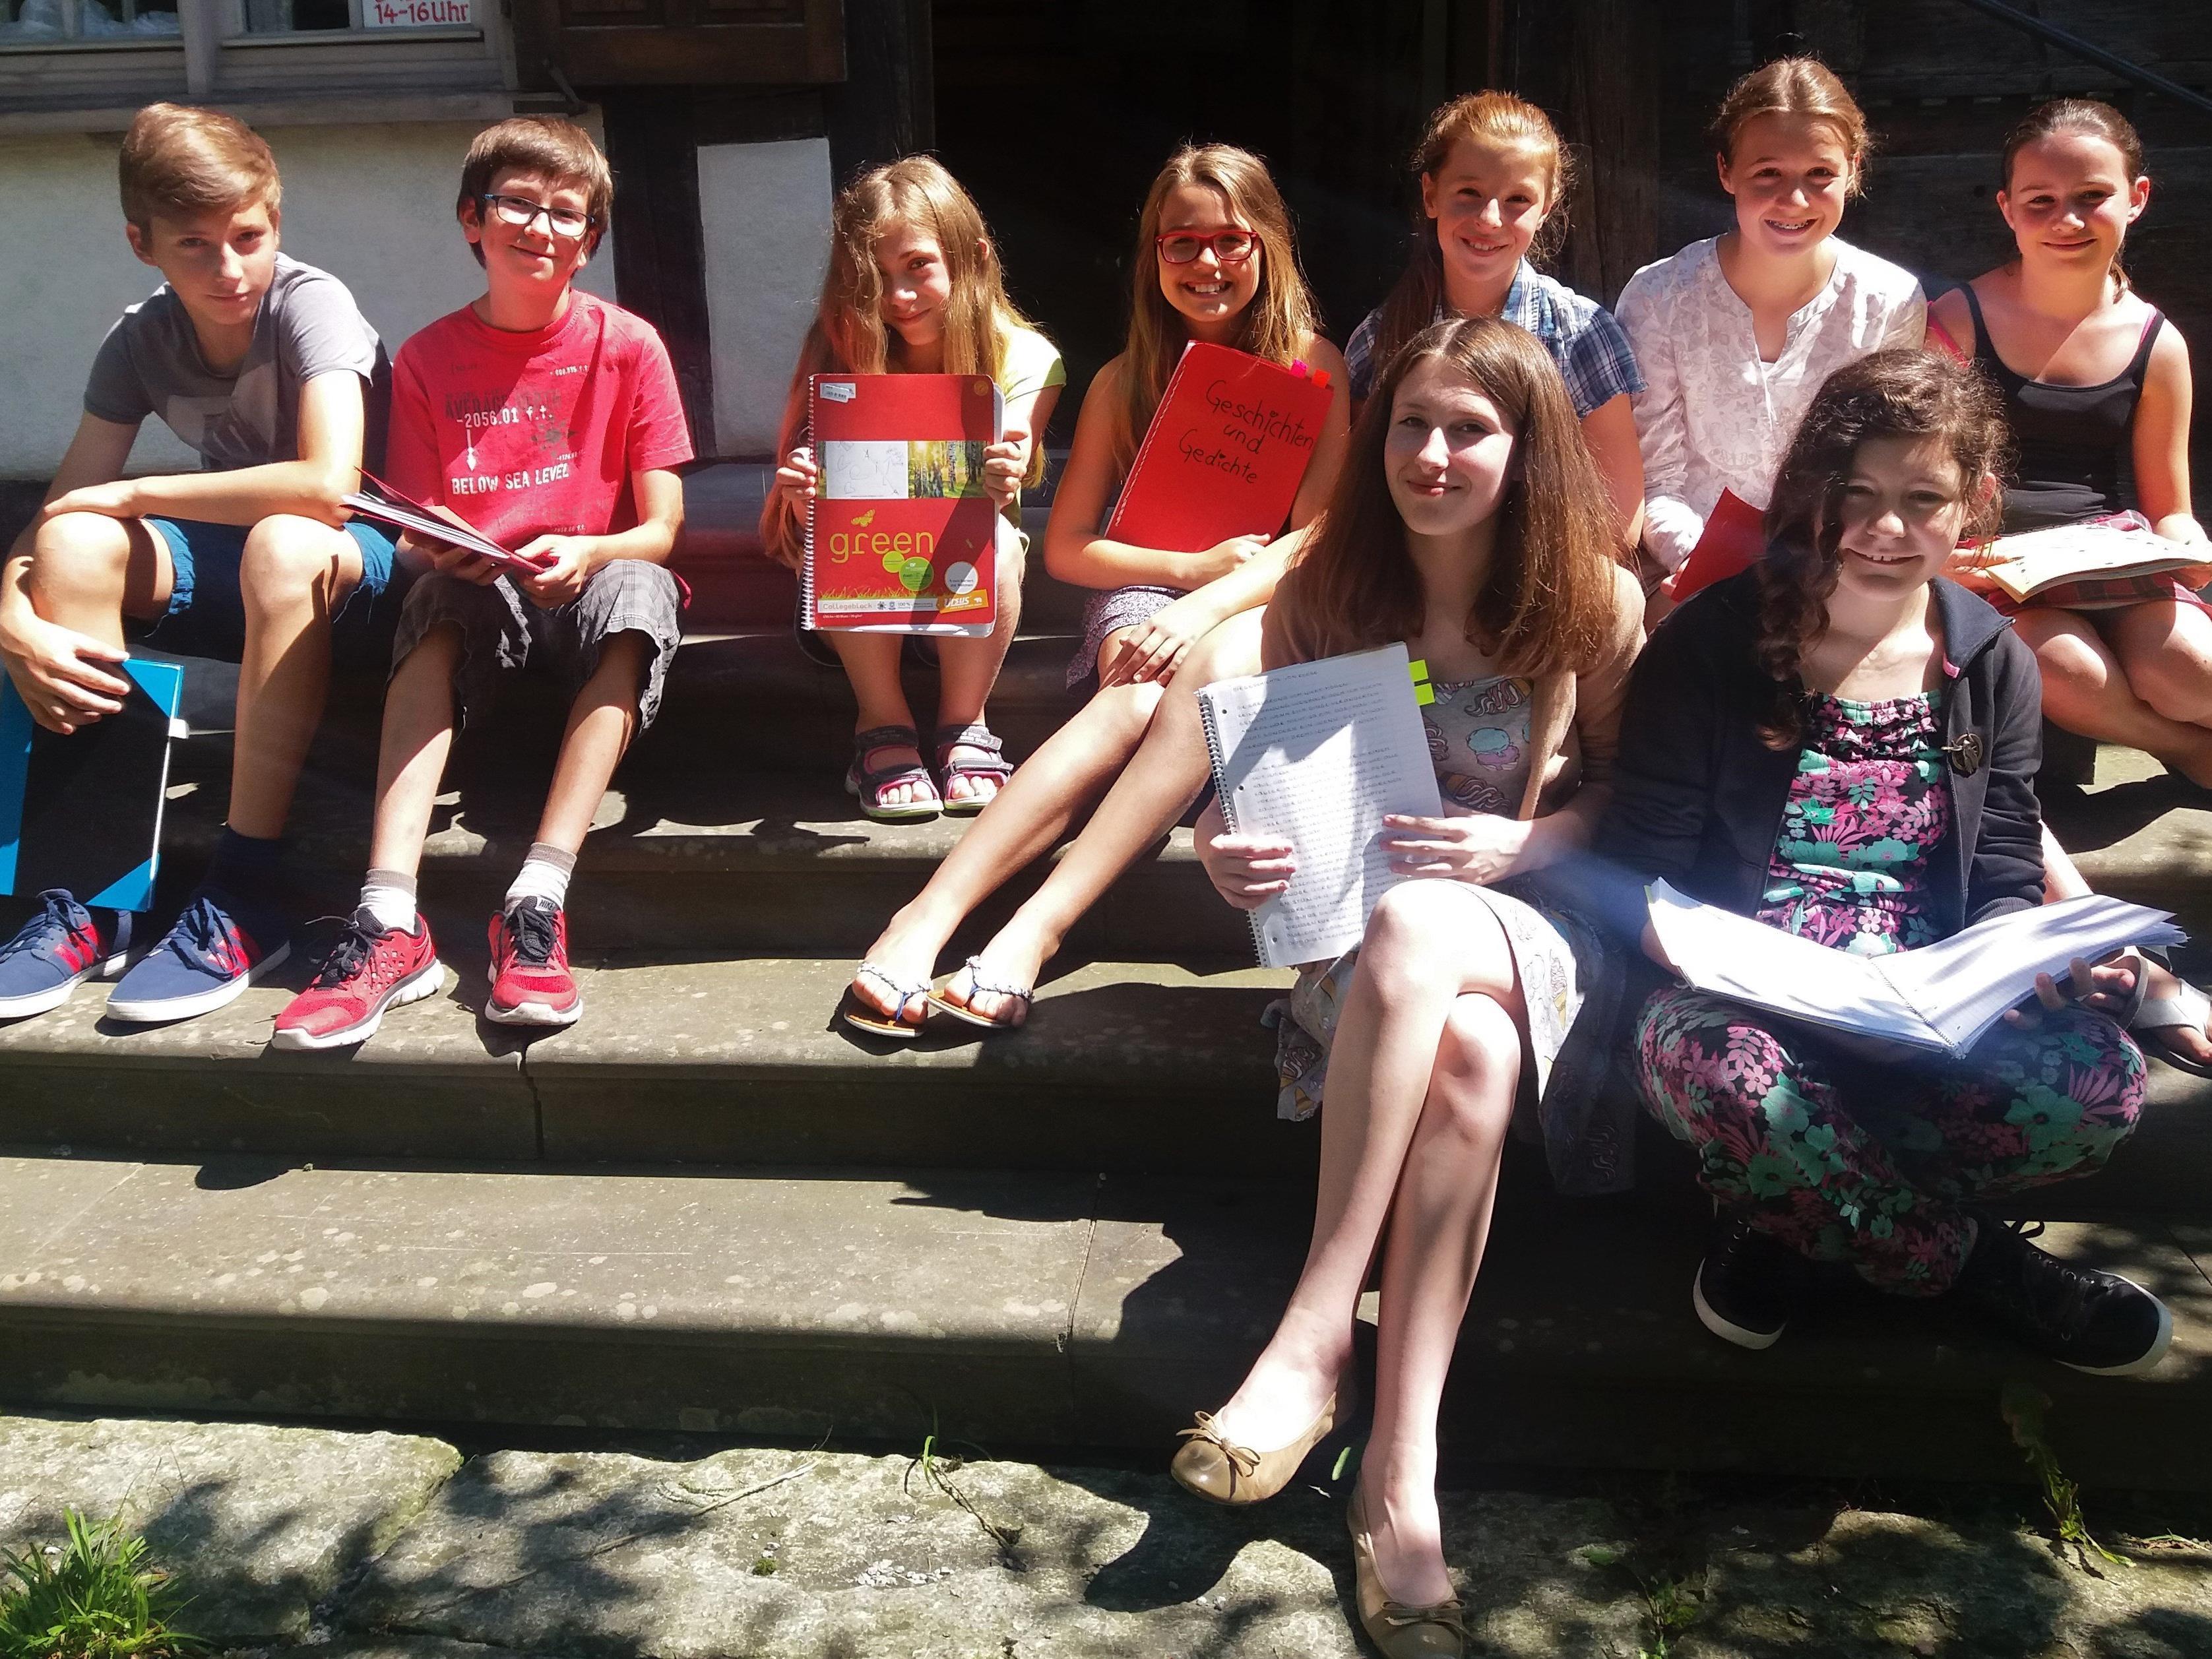 Jeden Sommer öffnet sich das Schlosserhus für das Kinder-Schreibhus.